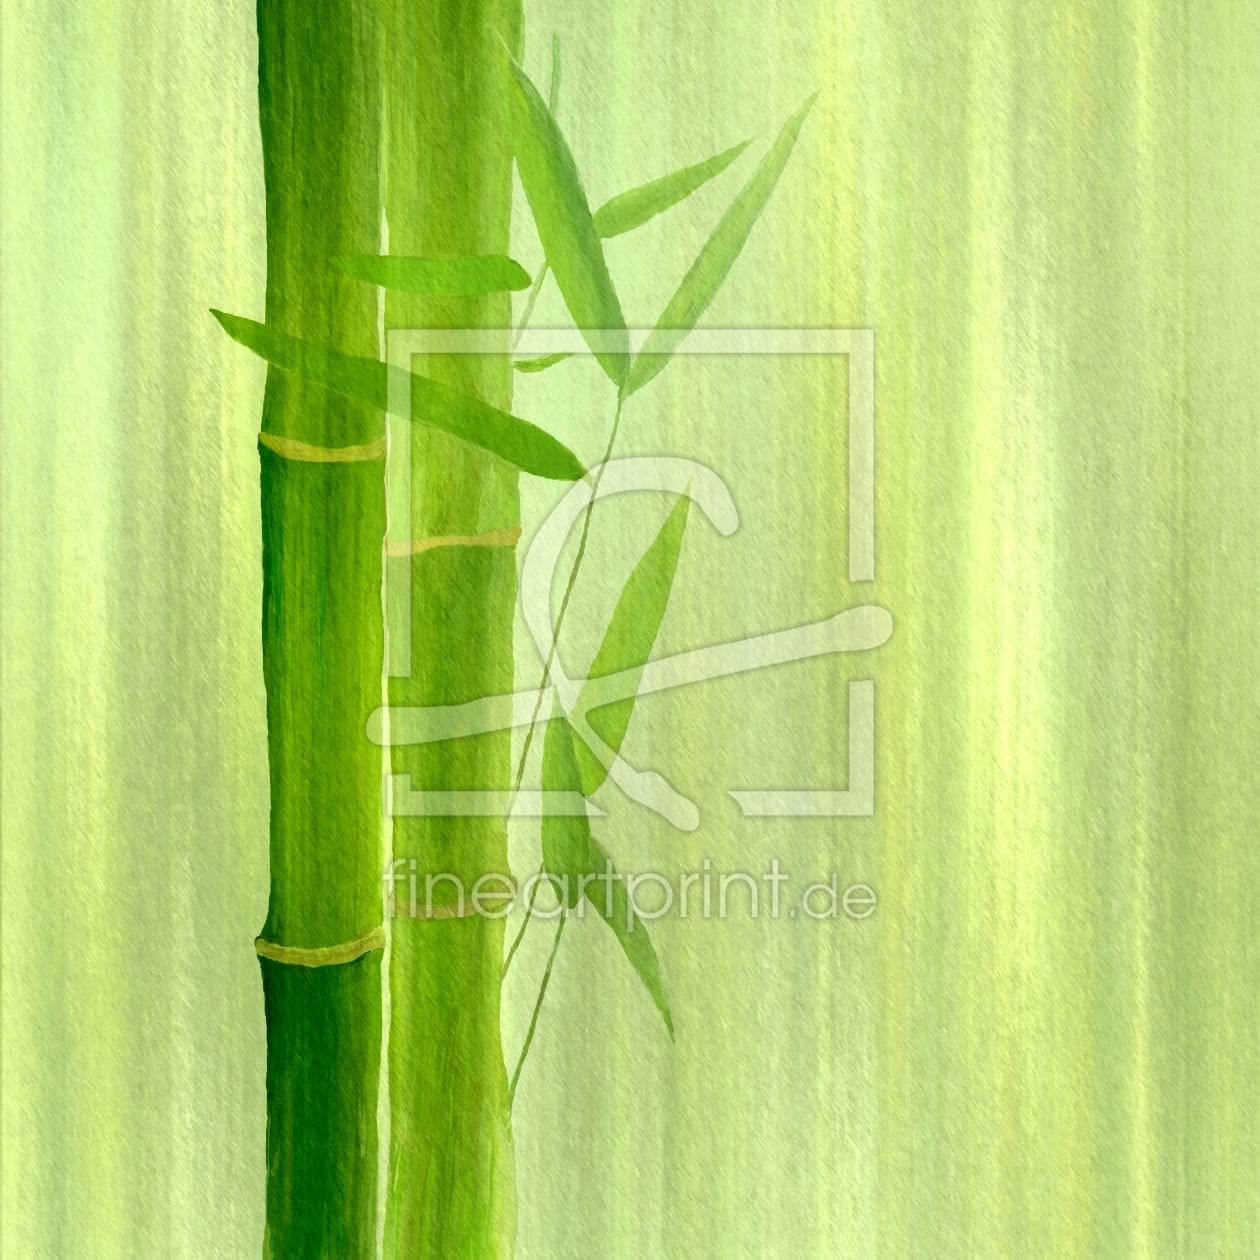 Bambus As A Canvas Print 10163167 Fine Art Print